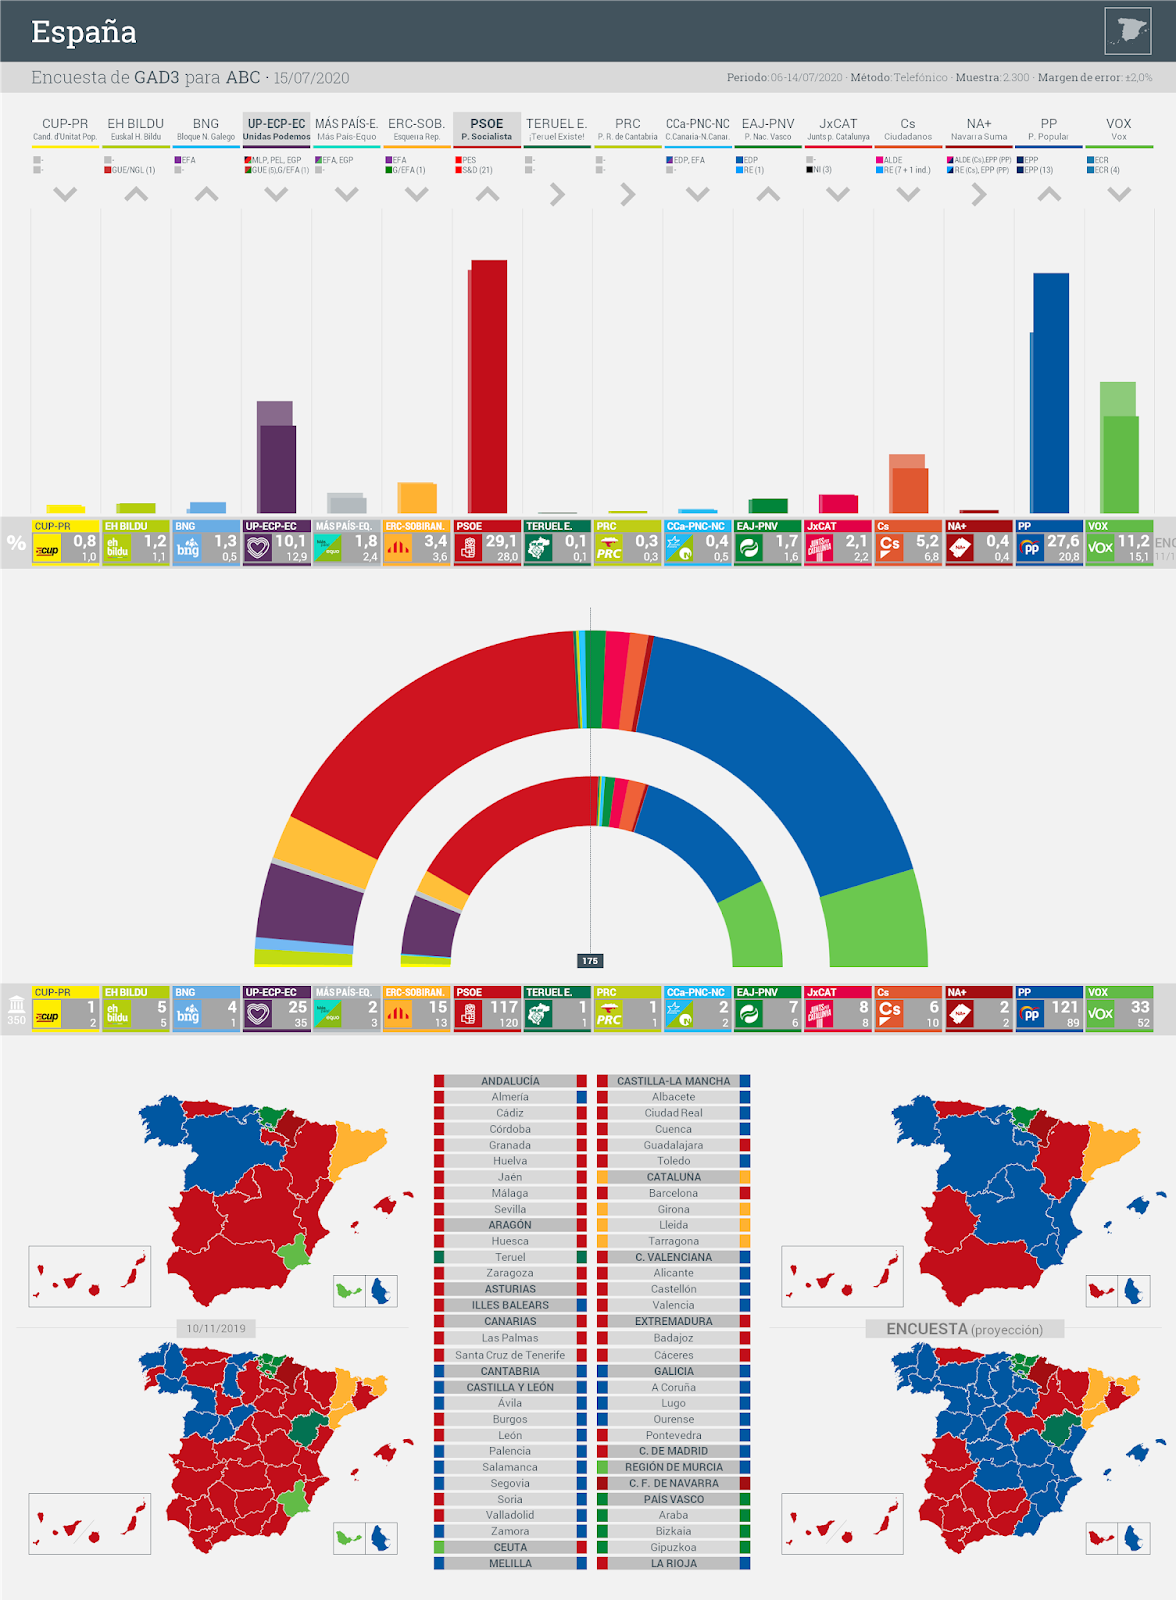 Gráfico de la encuesta para elecciones generales en España realizada por GAD3 para ABC, 15 de julio de 2020